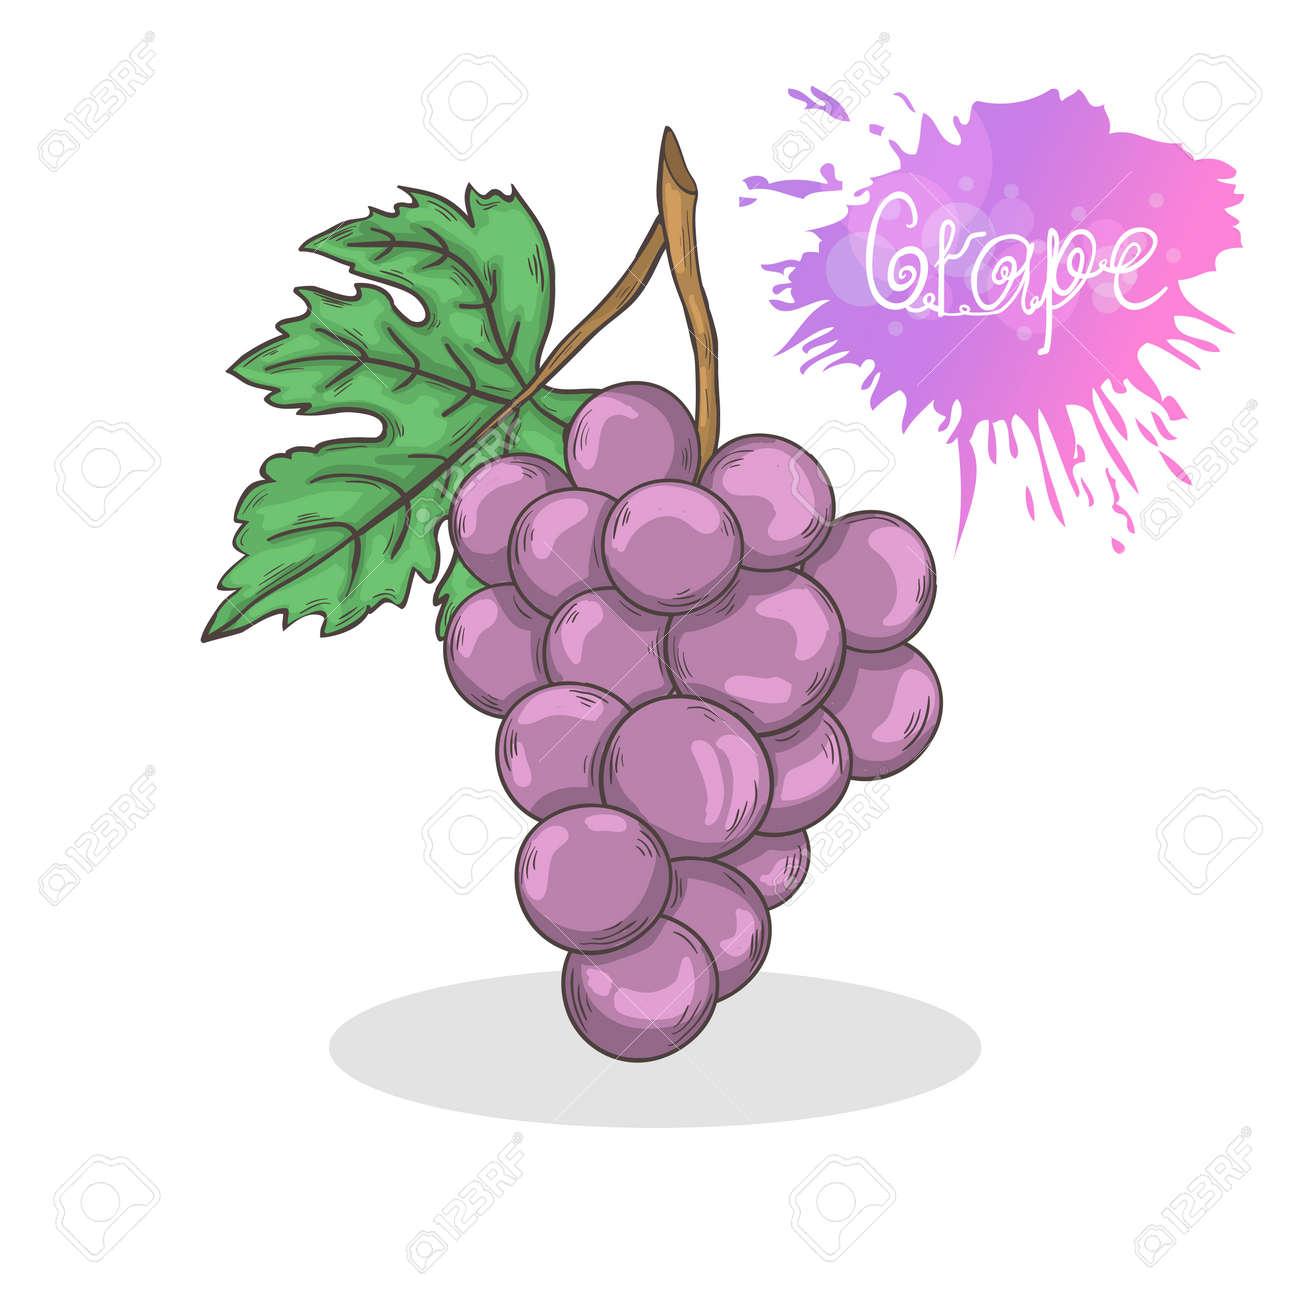 Paarse Druiven Vector Illustratie Geisoleerd Op Een Witte Background Summer Fruit Pictogram Hand Tekenen In Doodle Stijl Met Schaduw Royalty Vrije Cliparts Vectoren En Stock Illustratie Image 61457843